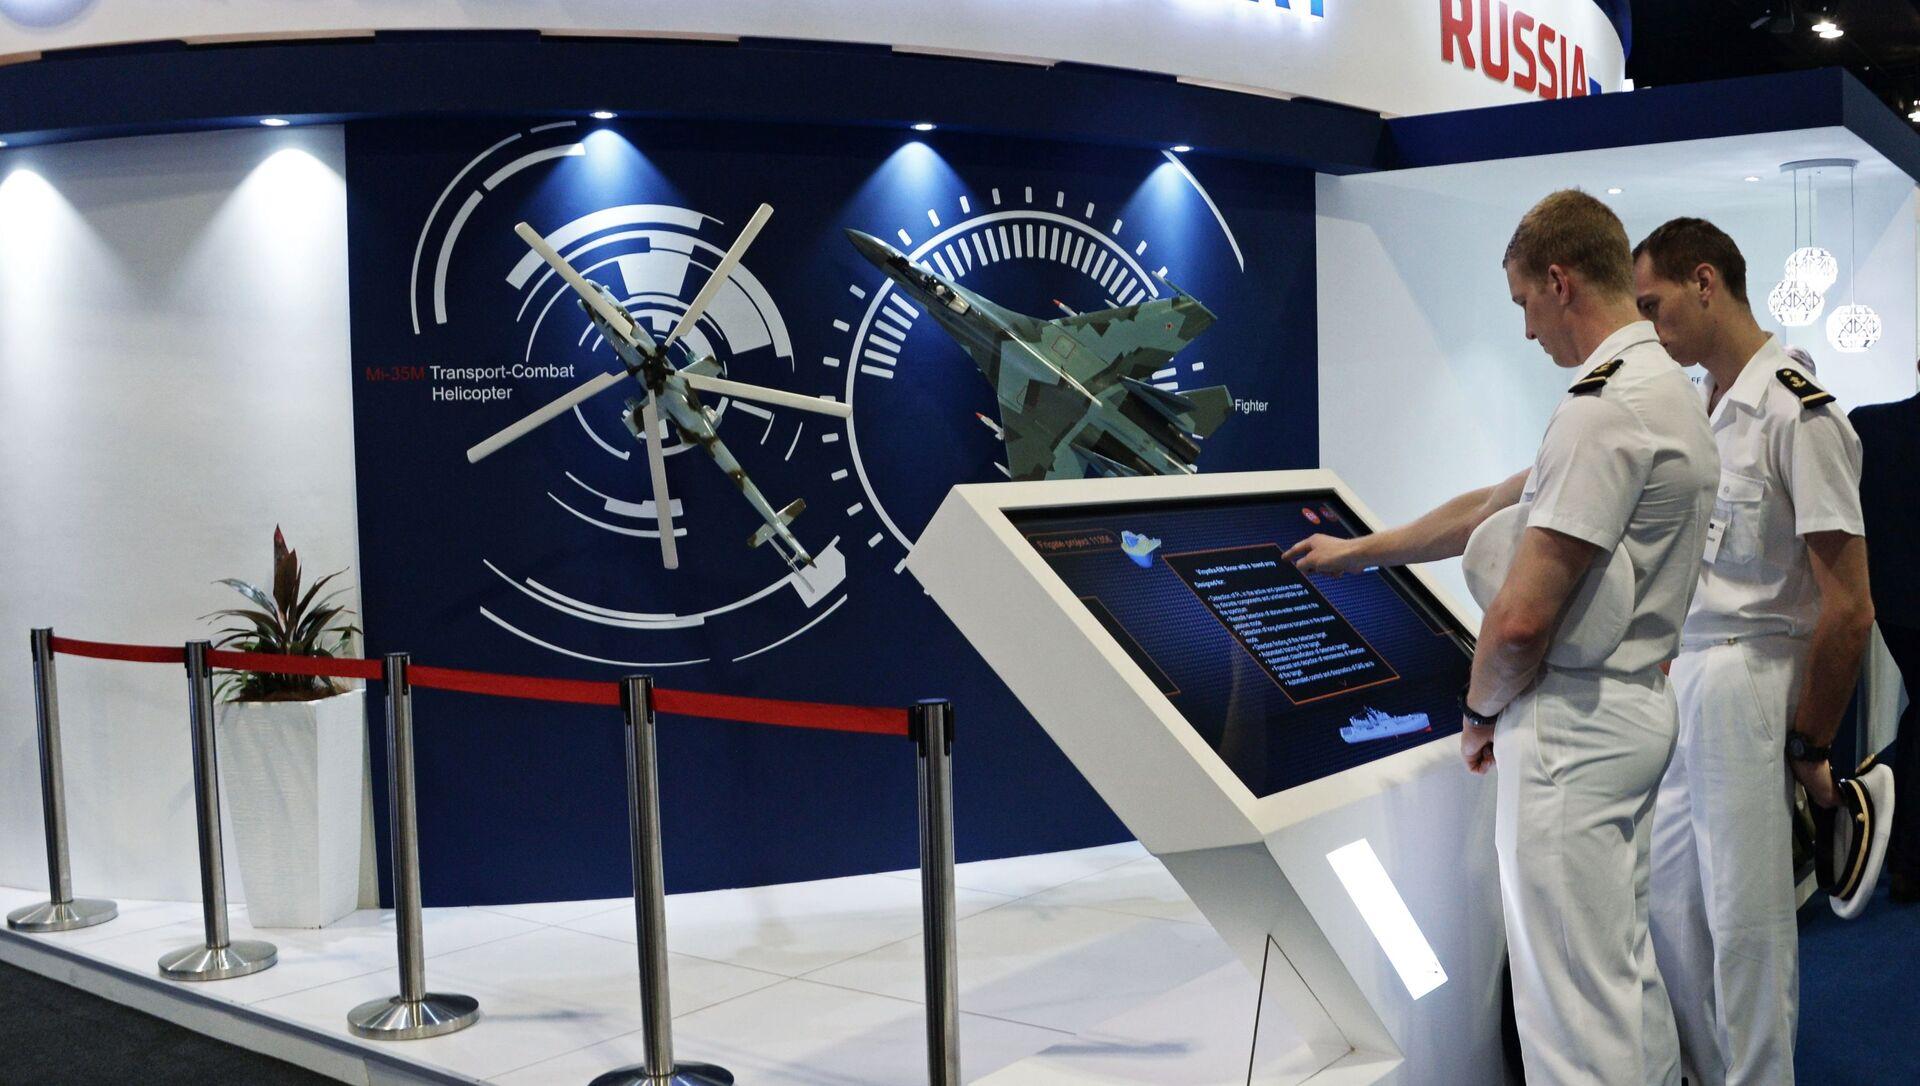 Gian hàng của Rosoboronexport tại triển lãm DSA-2018. - Sputnik Việt Nam, 1920, 05.06.2021